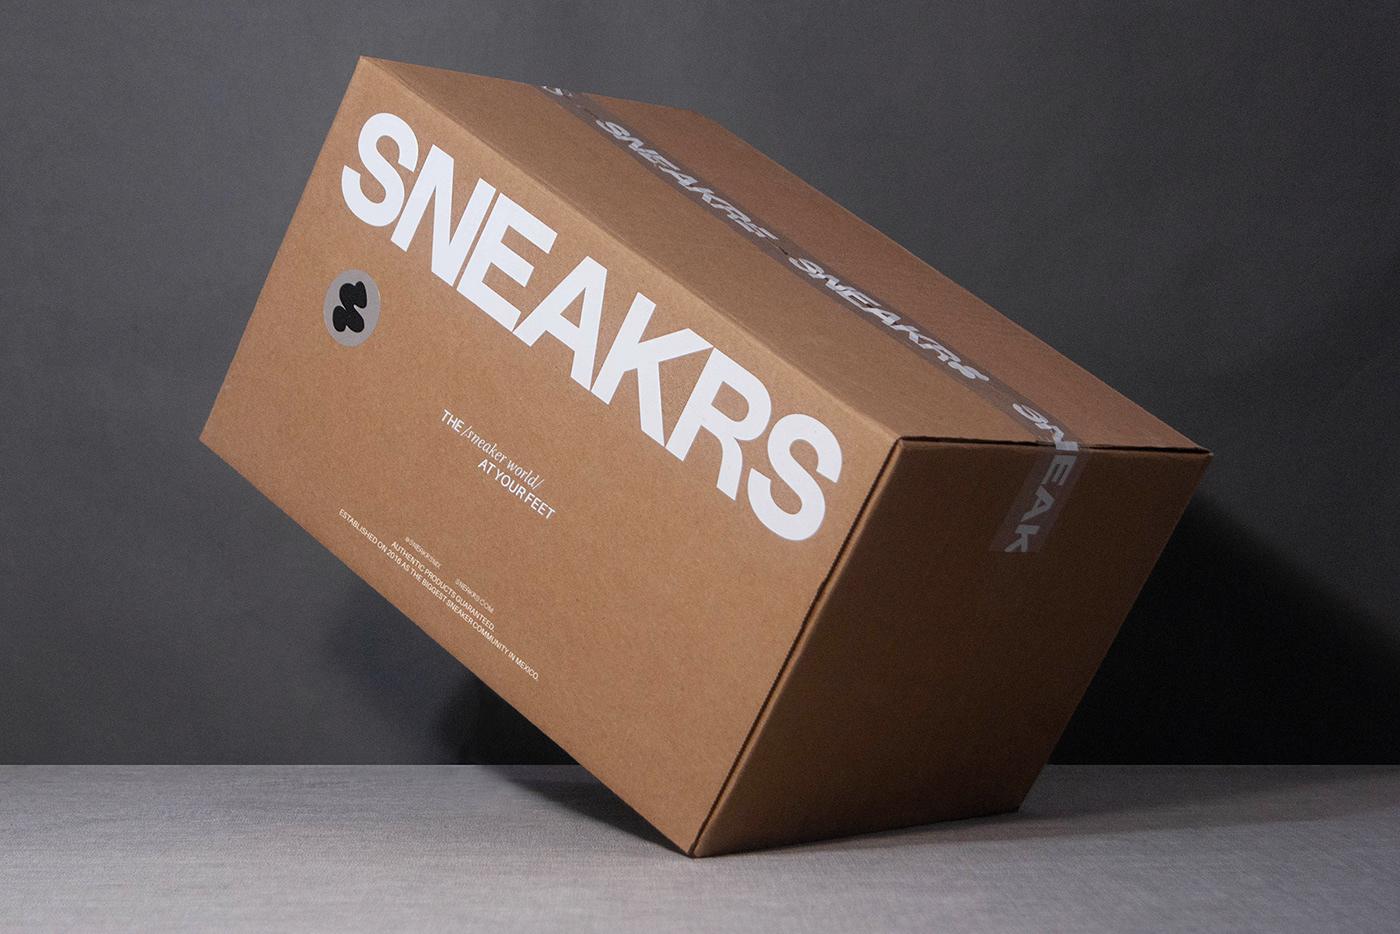 box Ecommerce foil jordan luxury Packaging sneakers store streetwear tech